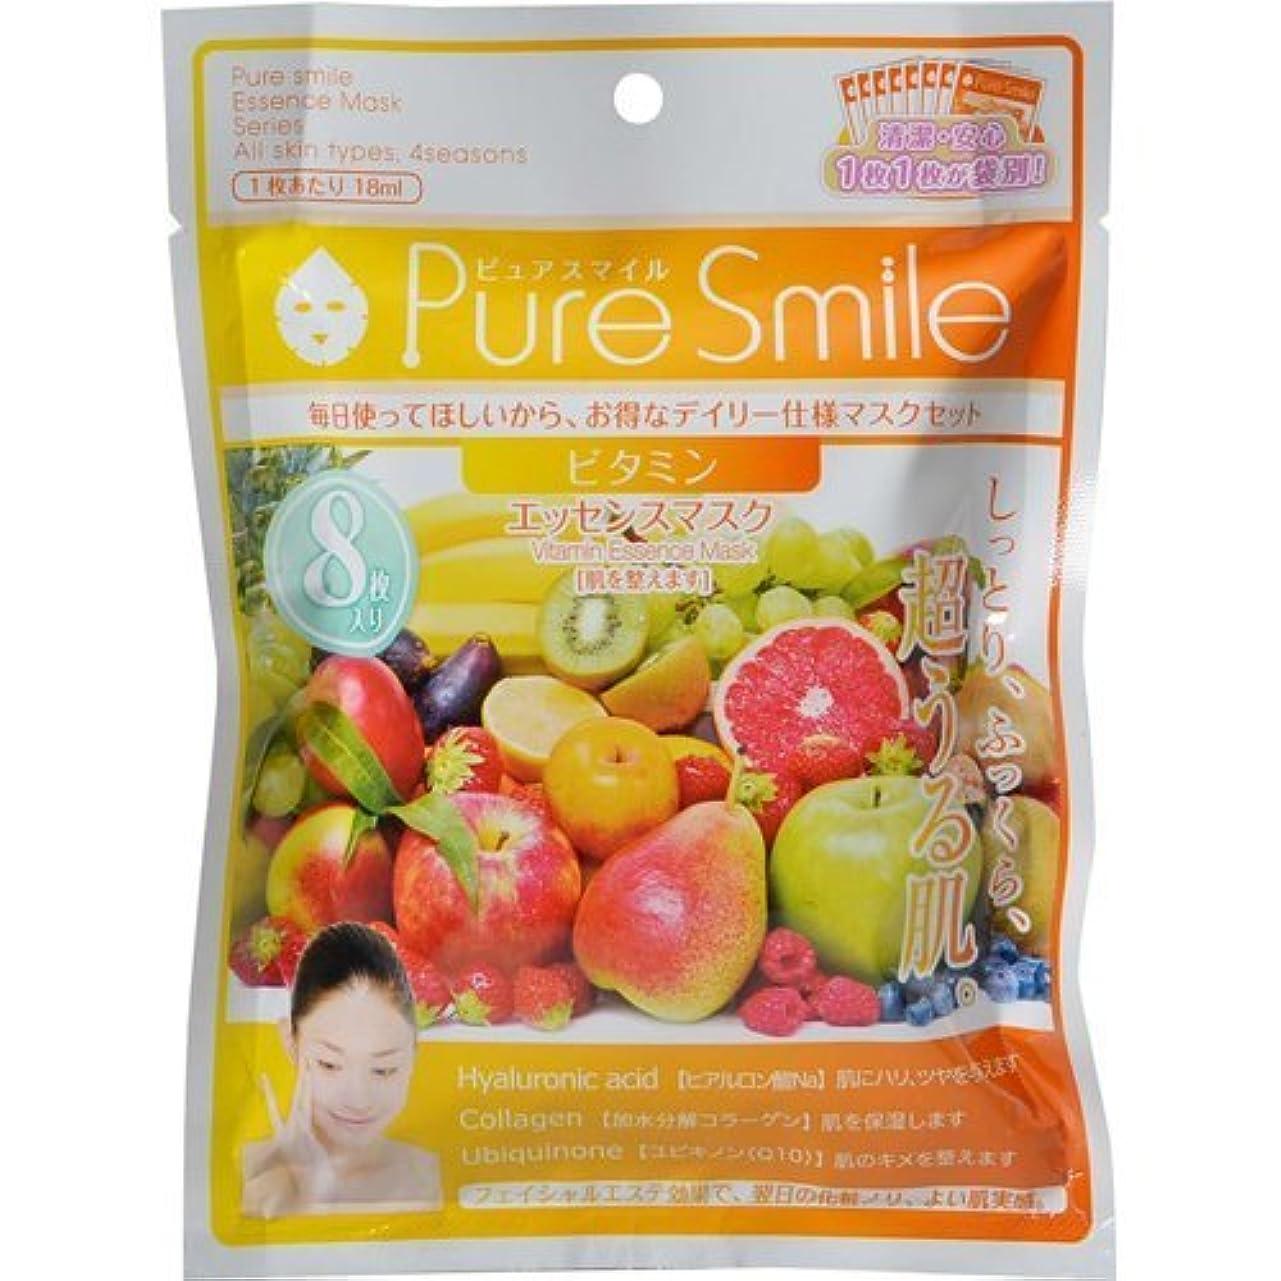 窓を洗う誇大妄想バッジPure Smile エッセンスマスク8枚セット ビタミン 8枚